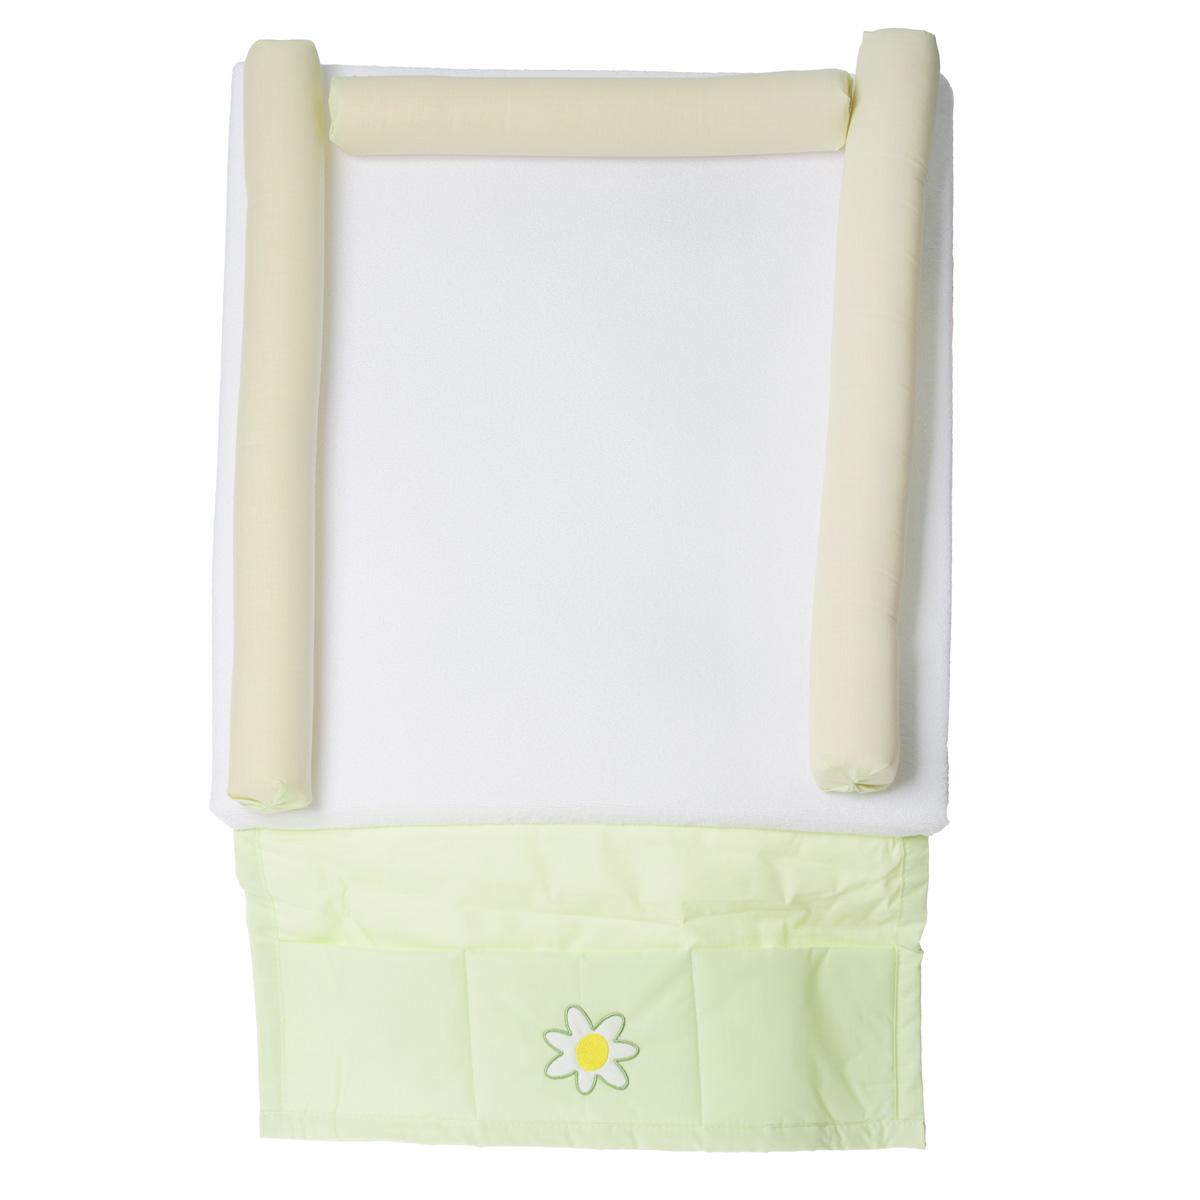 Доска пеленальная Fairy На лугу, мягкая, с карманом, цвет: белый, салатовый fairy доска пеленальная жирафик fairy